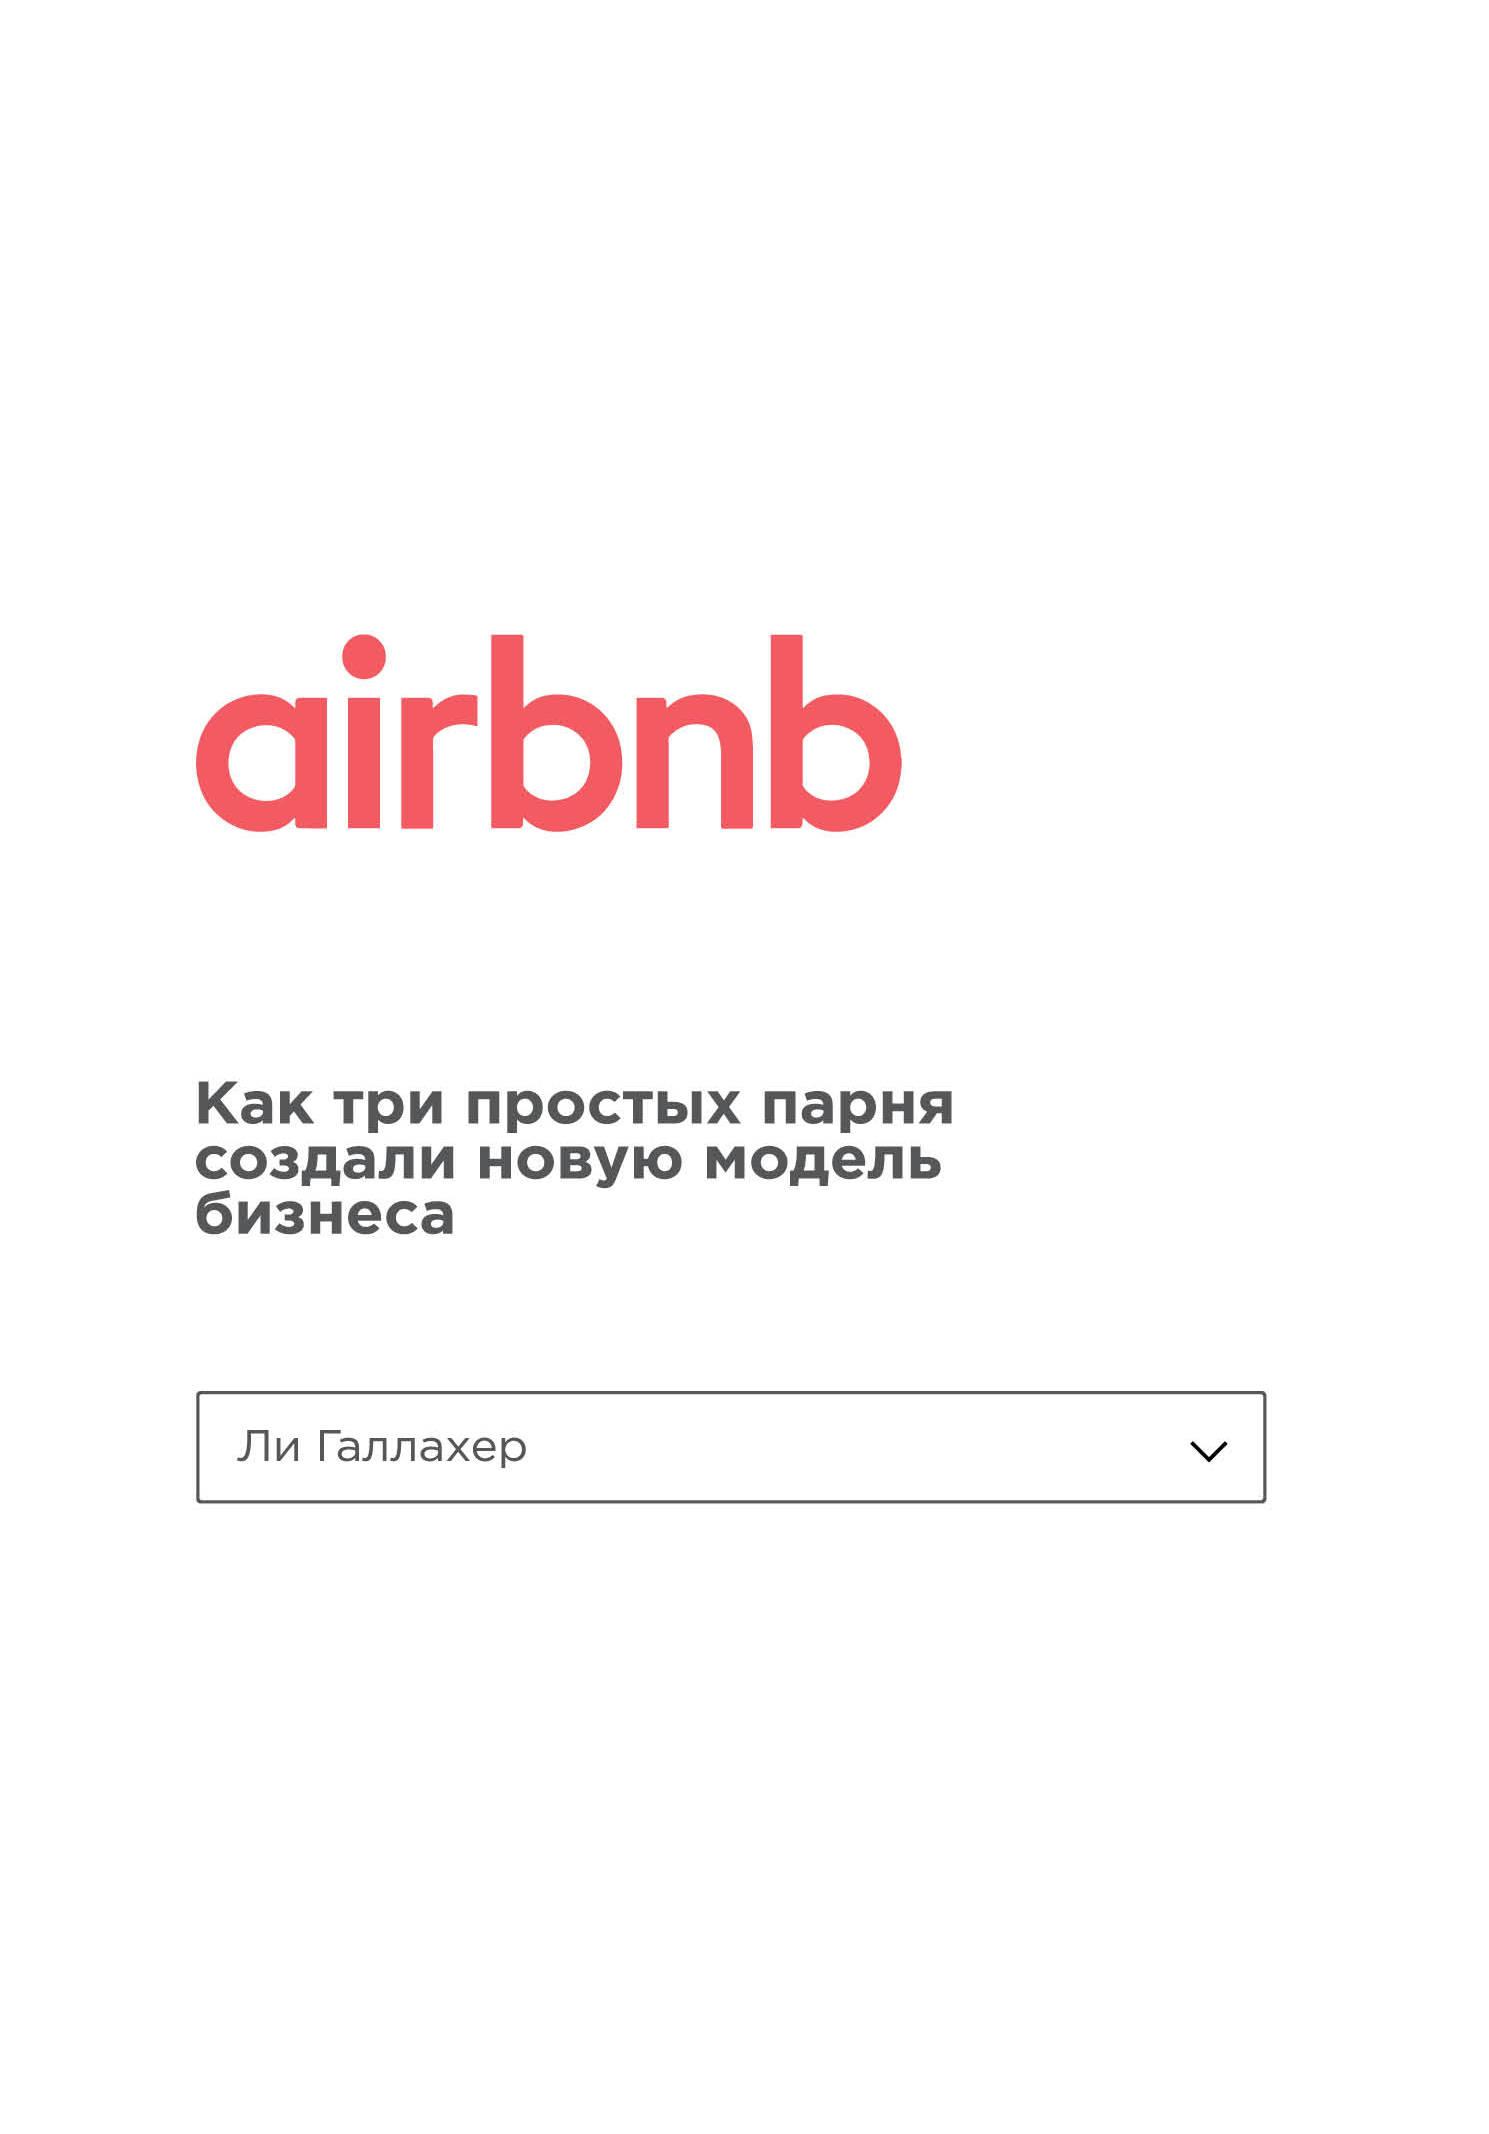 Ли Галлахер. Airbnb. Как три простых парня создали новую модель бизнеса